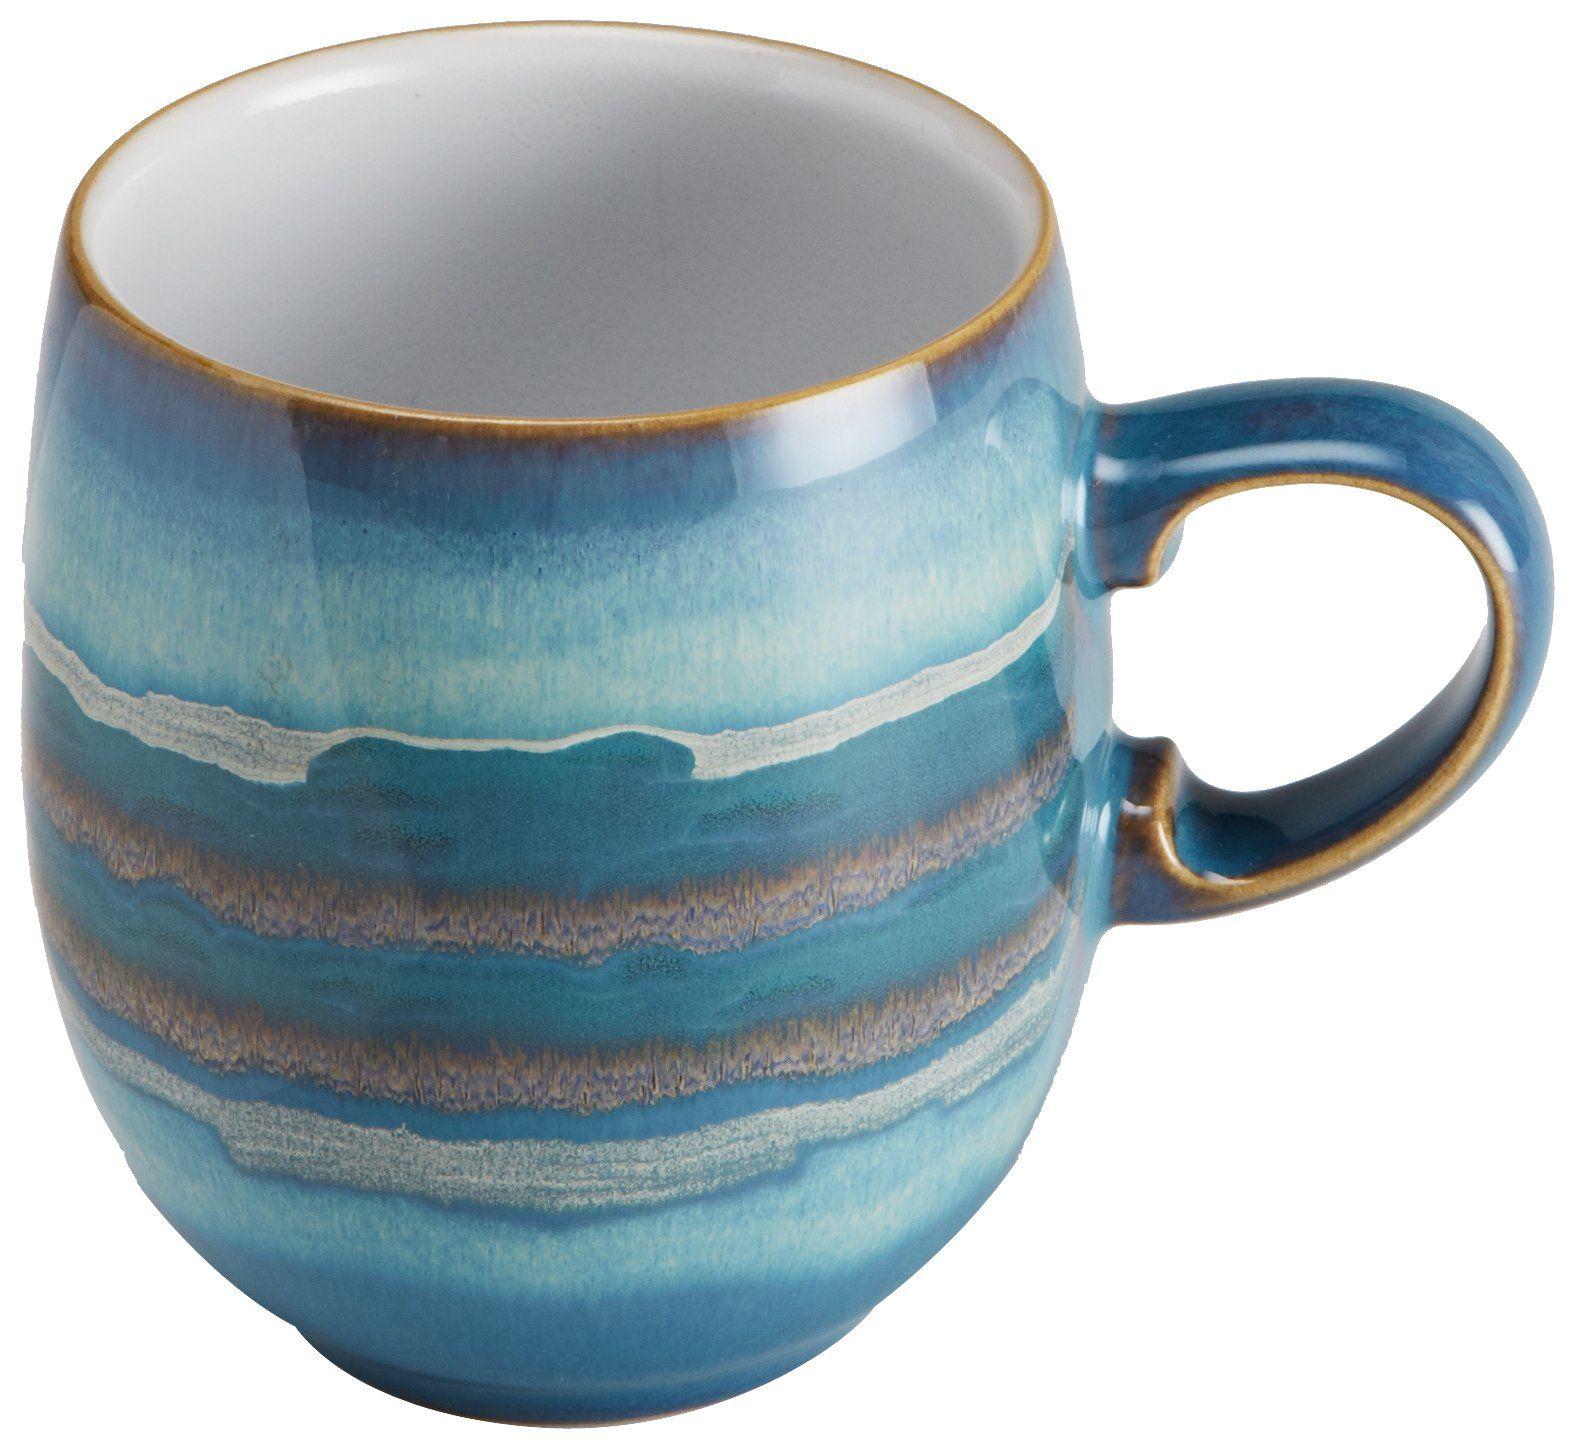 Denby Azure Coast Large Curve Mug 10cm Amazon.co.uk